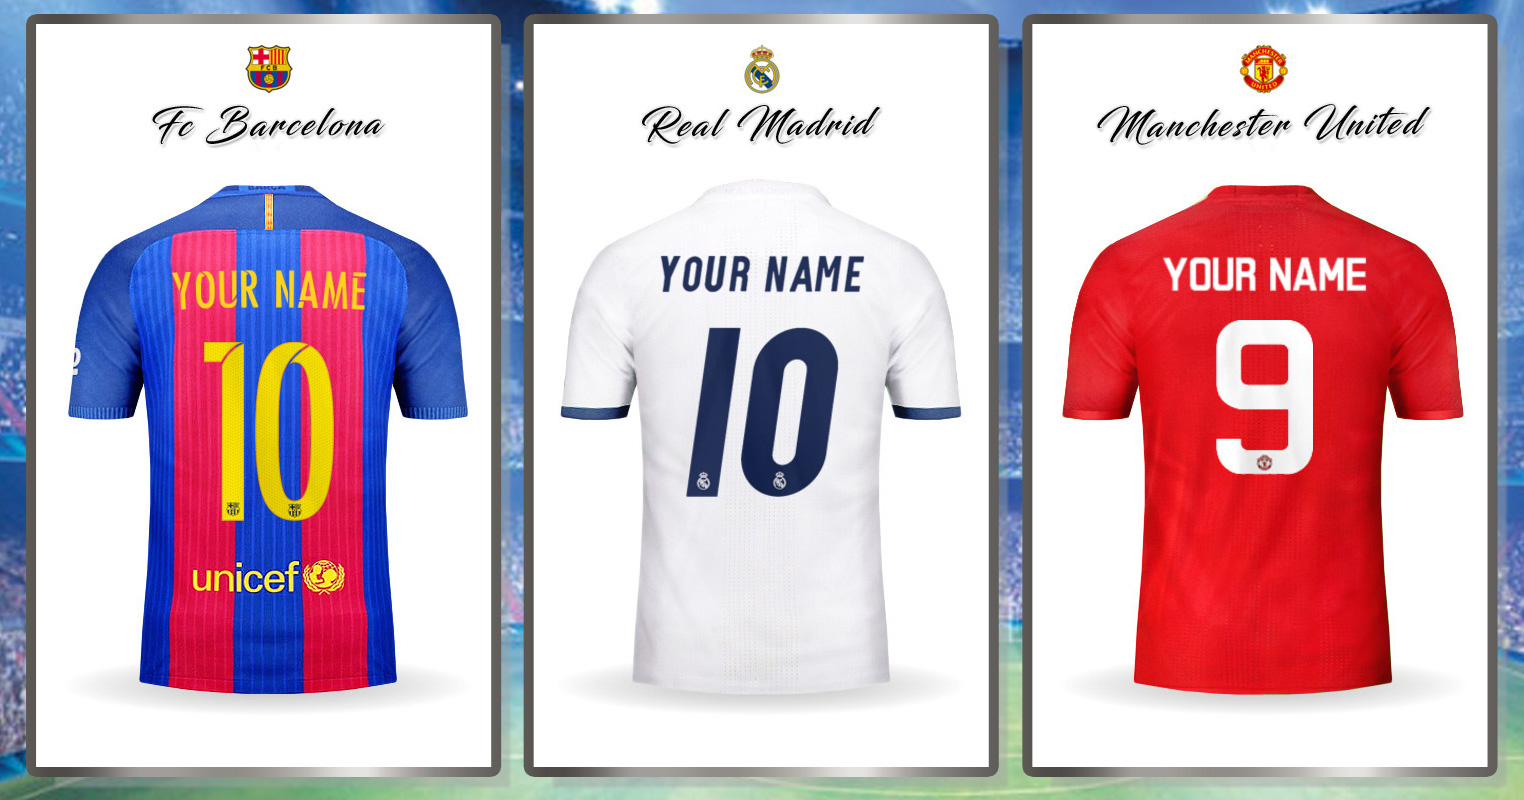 694ebe759 كتابة اسمك على قميص برشلونة او ريال مدريد او اي قميص اخر | مدونة ...